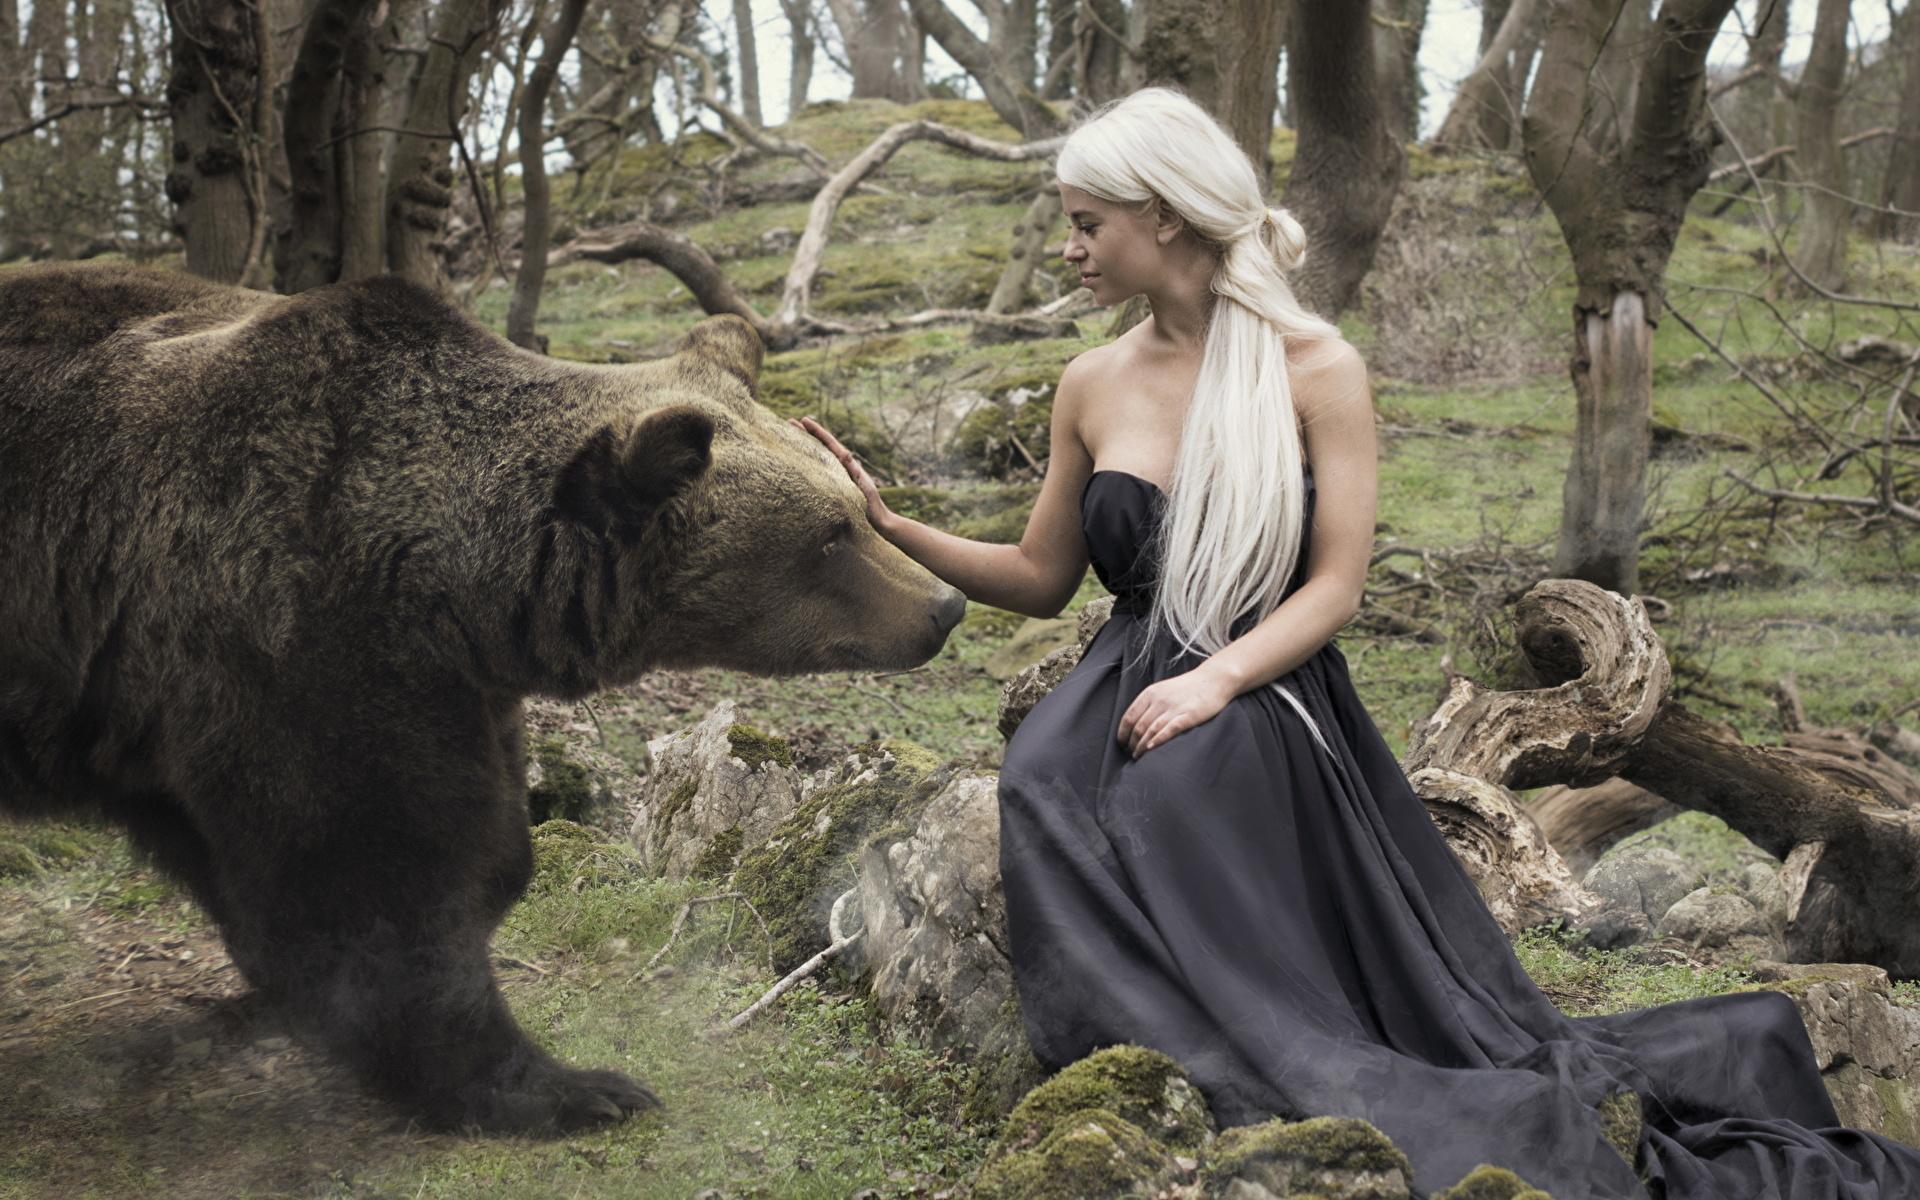 Bakgrunnsbilder til skrivebordet Brunbjørn bjørn Blond jente ung kvinne Sitter Dyr 1920x1200 Blonde Bjørner Unge kvinner